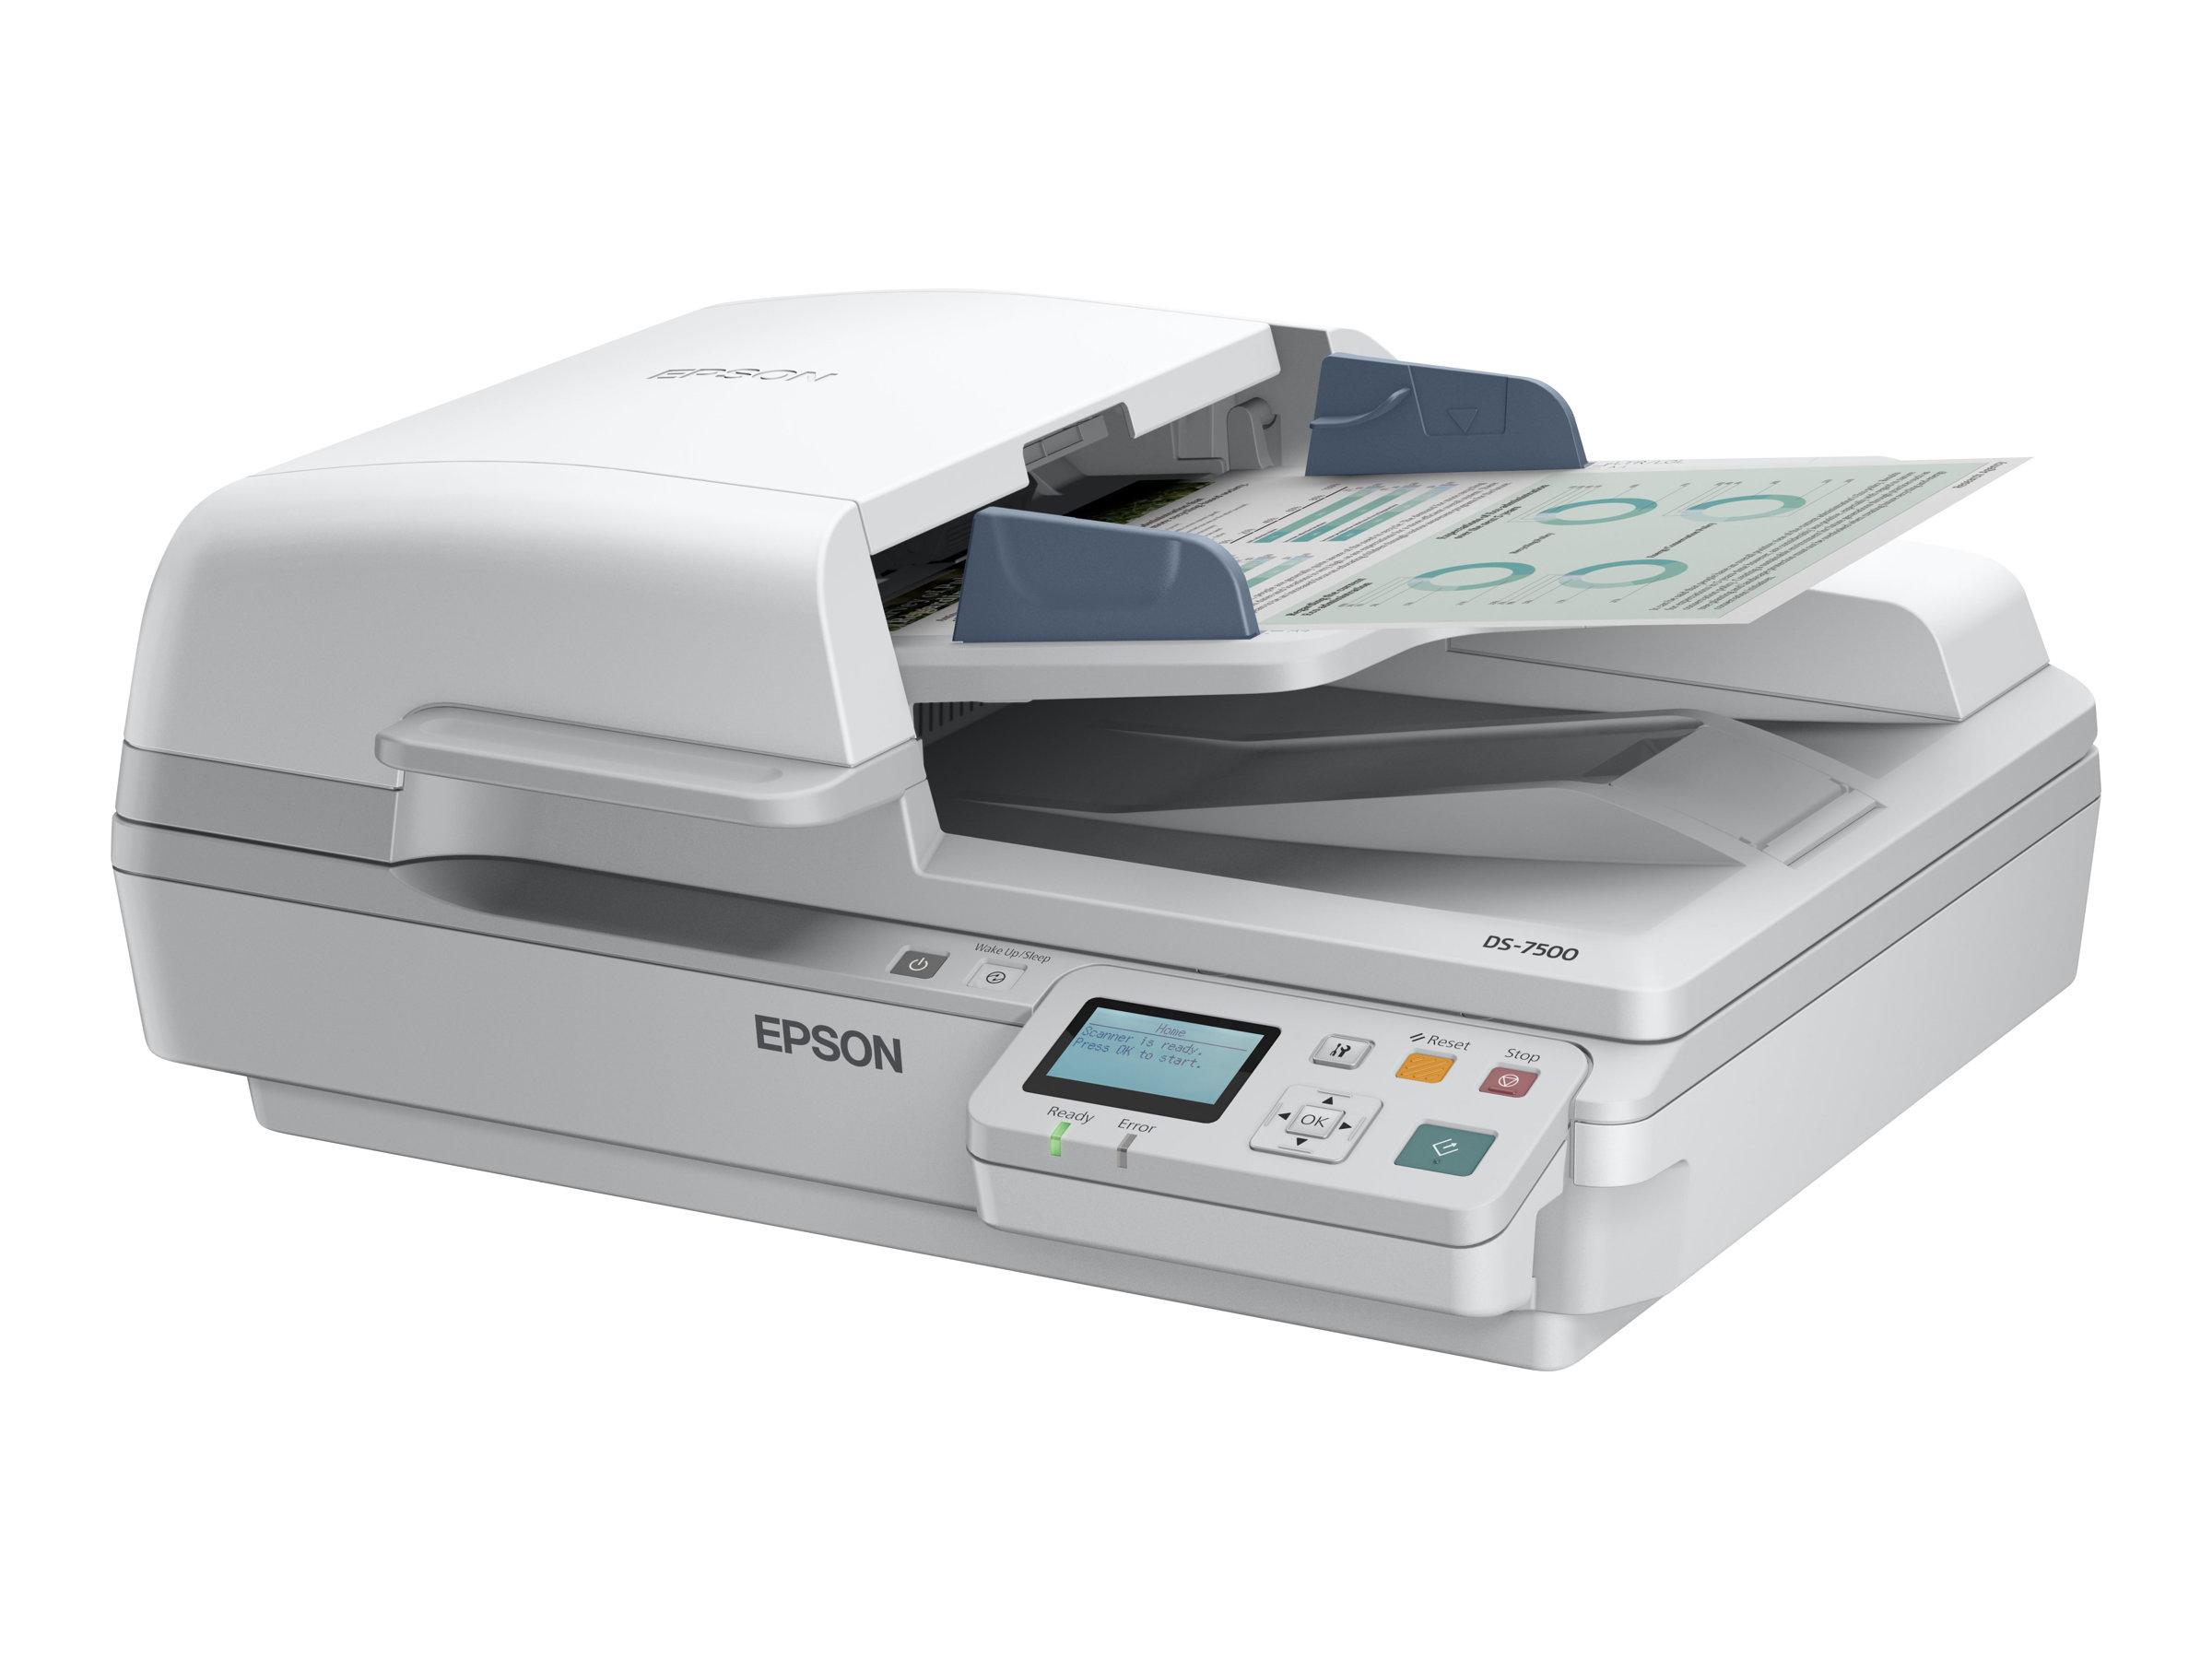 Epson WorkForce DS-6500N - Dokumentenscanner - Duplex - A4 - 1200 dpi x 1200 dpi - bis zu 25 Seiten/Min. (einfarbig) / bis zu 25